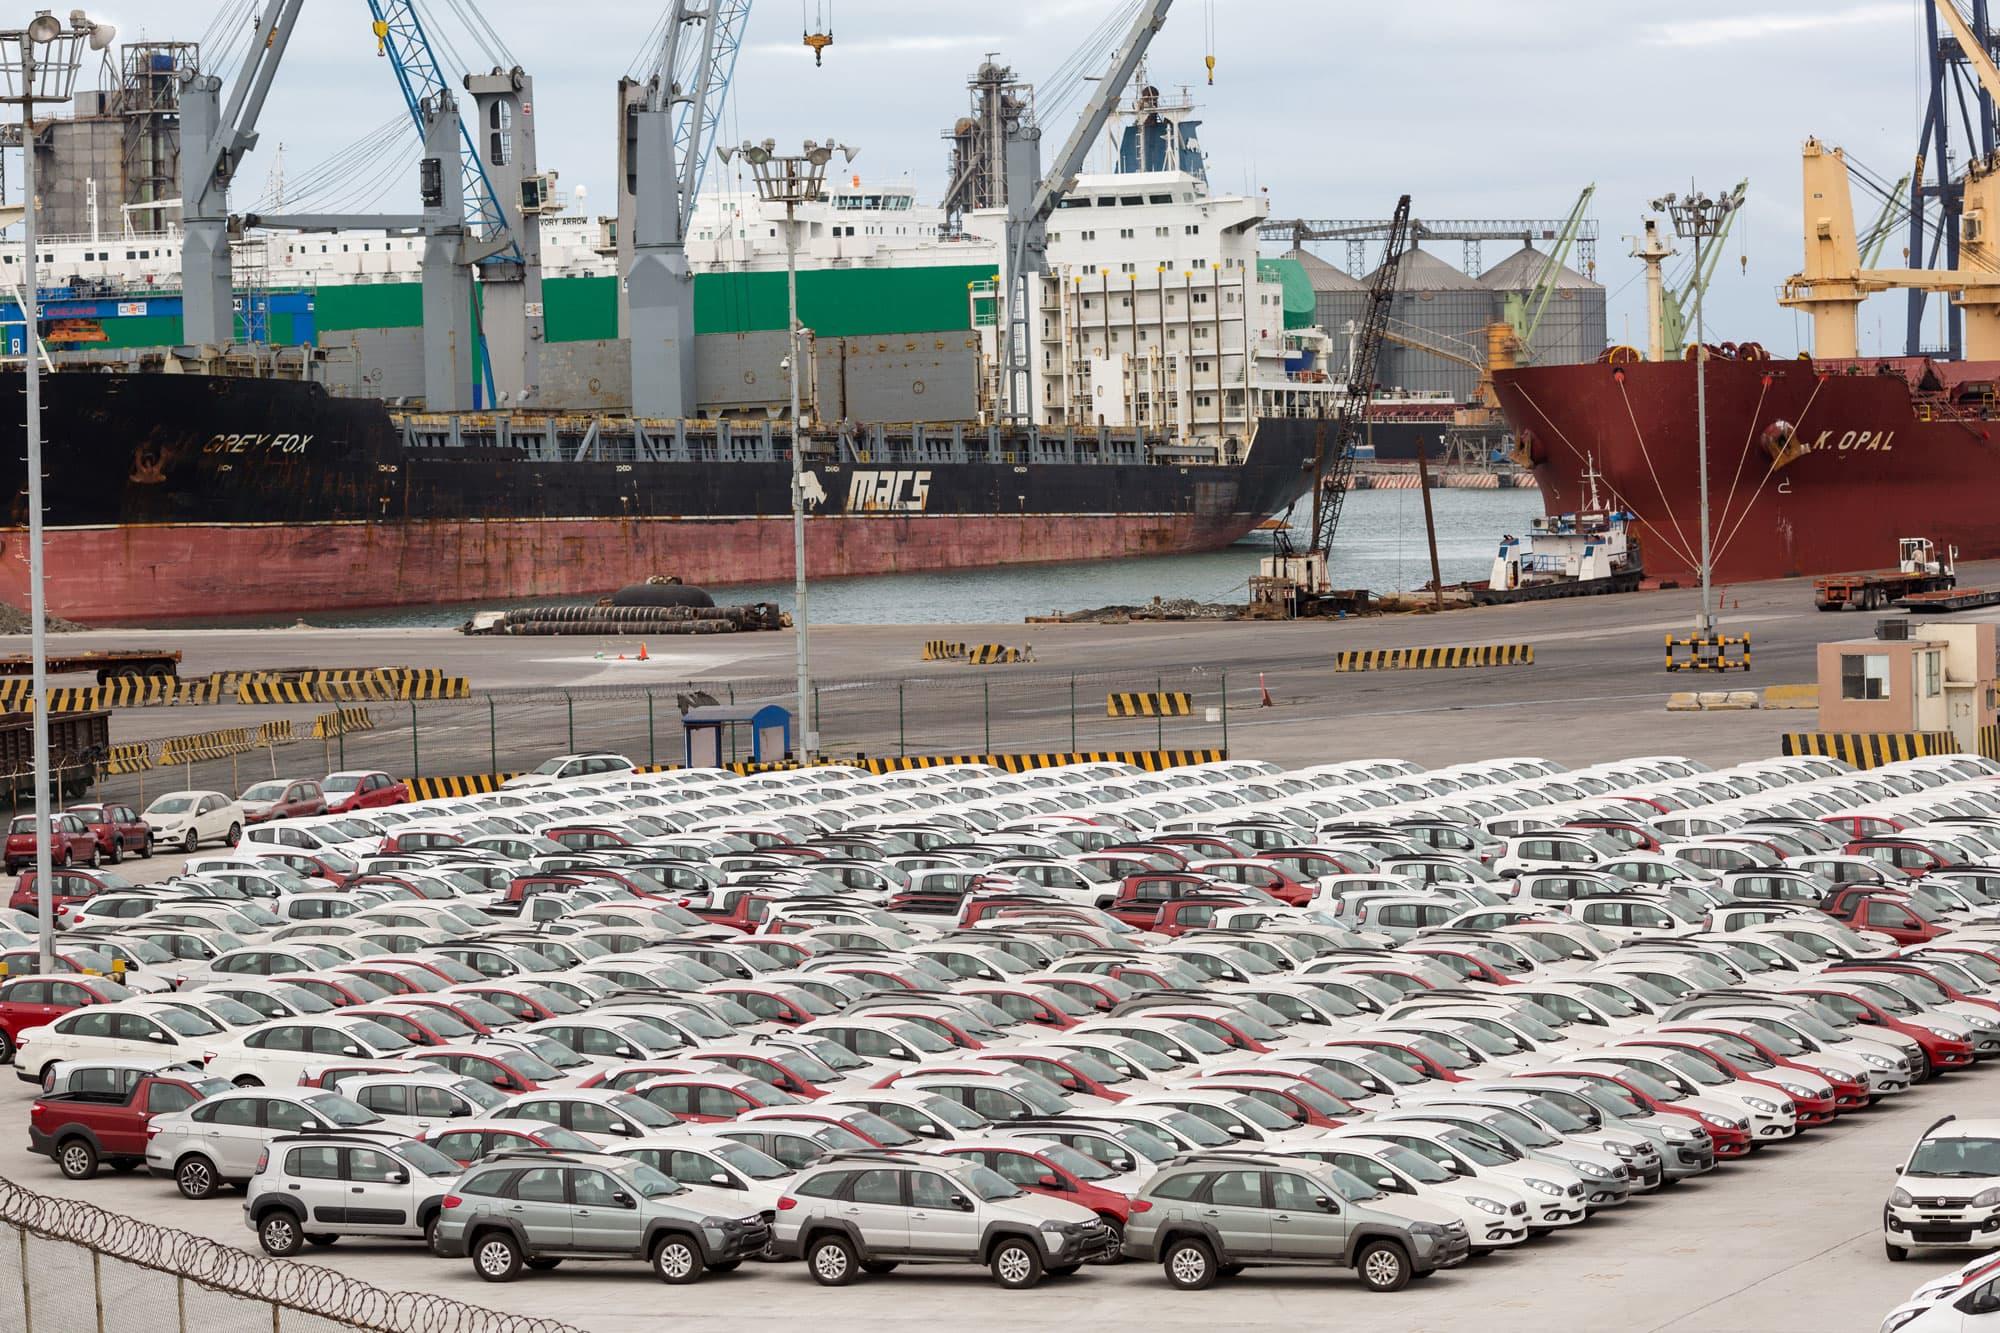 """Résultat de recherche d'images pour """"vehicles, export, port, automotive industries"""""""